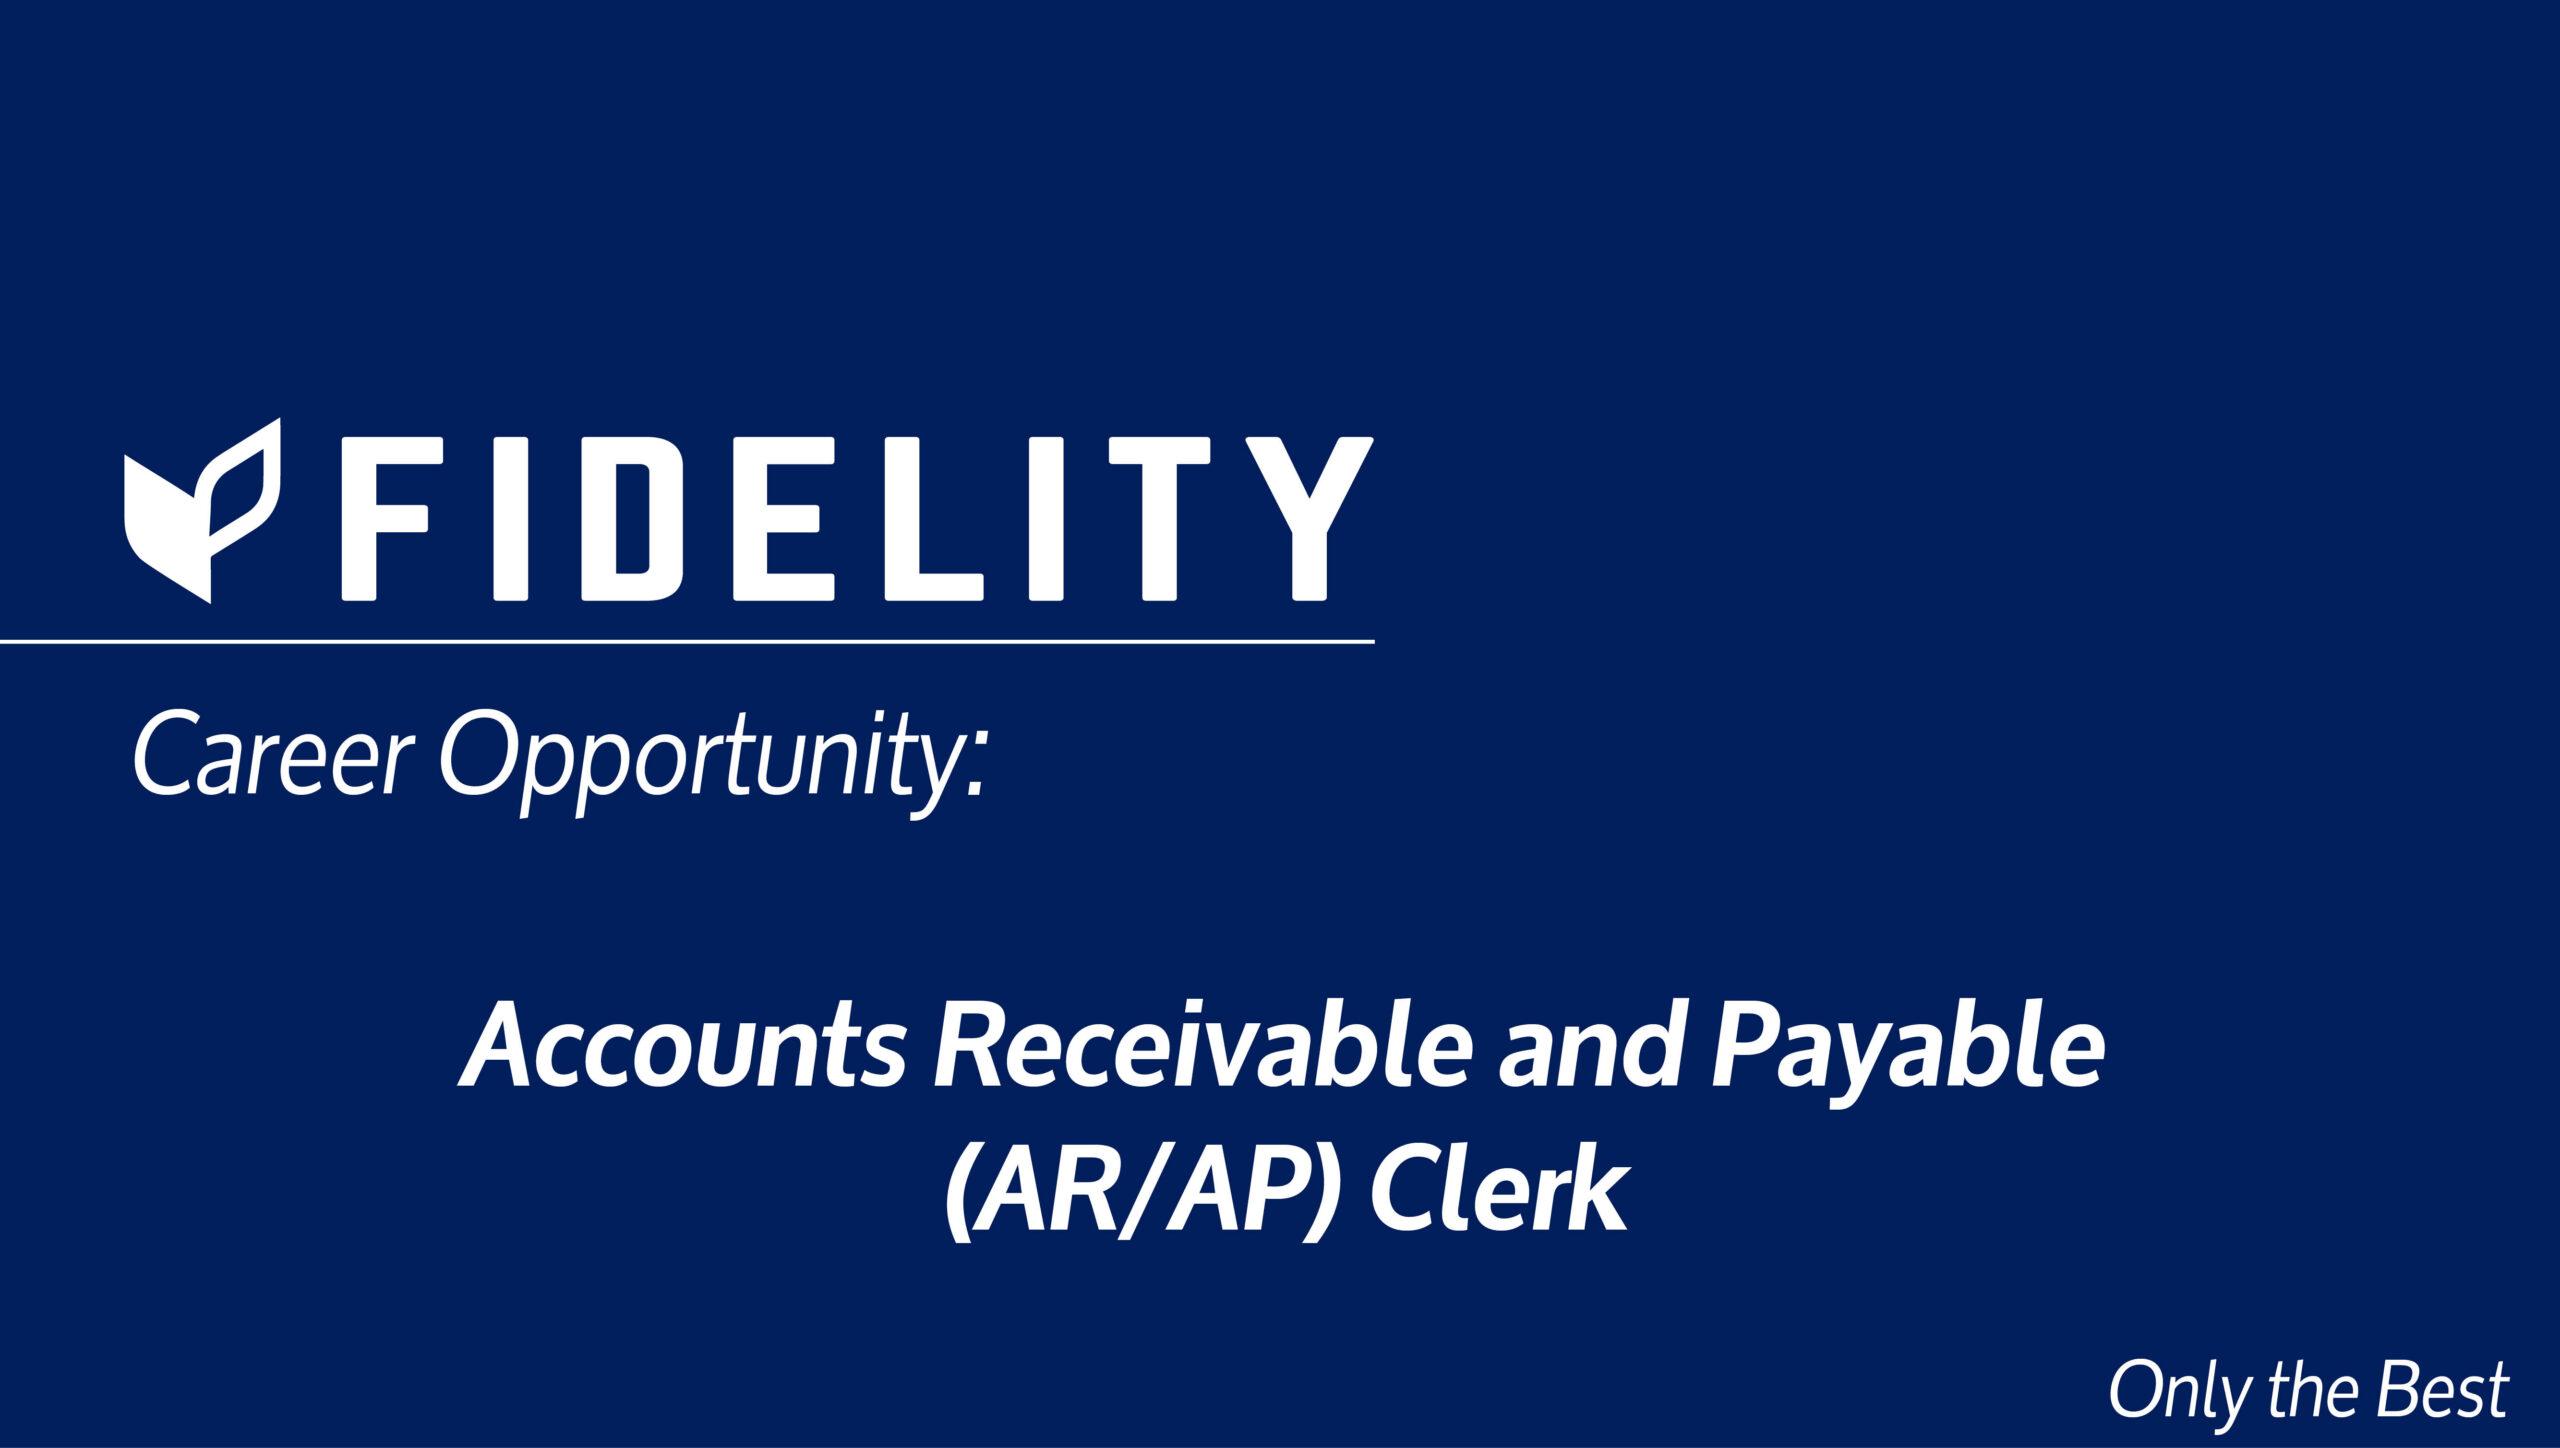 Accounts Receivable and Payable (AR/AP) Clerk